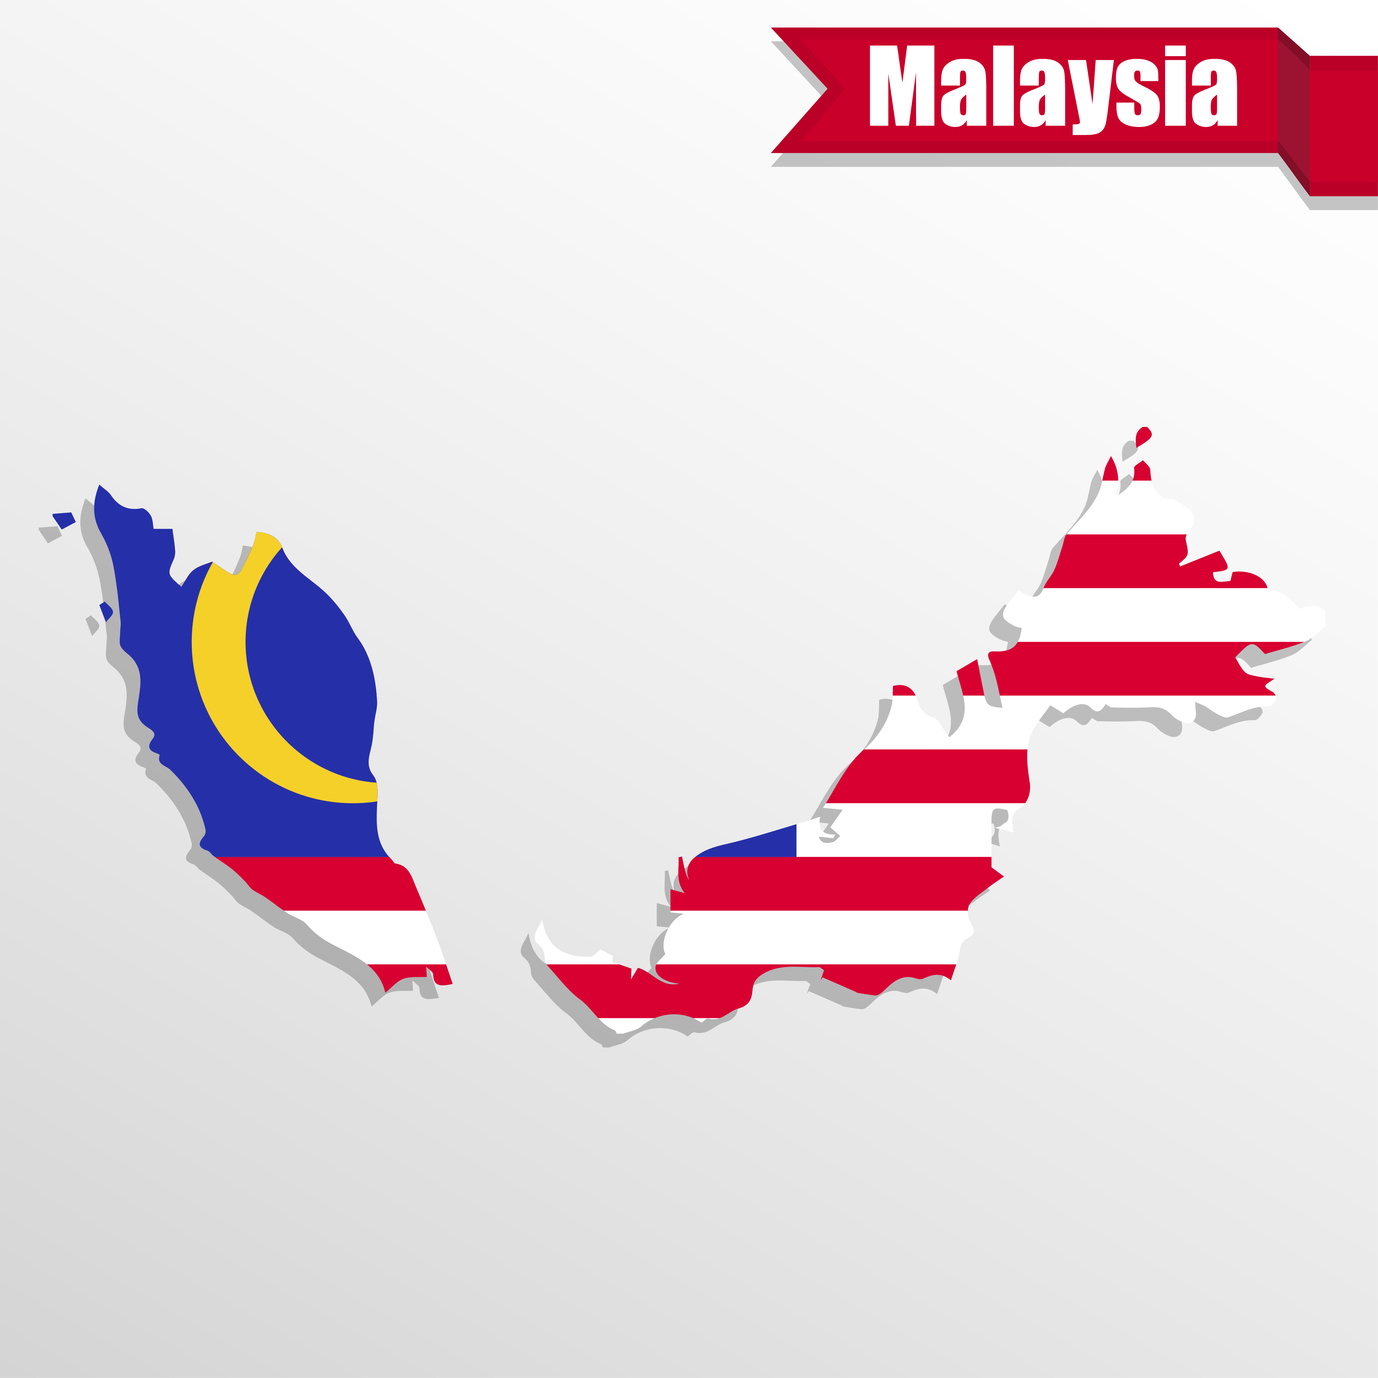 【マレーシア株式投資】馬国の代表的株価指数とおすすめ株とは?買い方を含めて解説する。